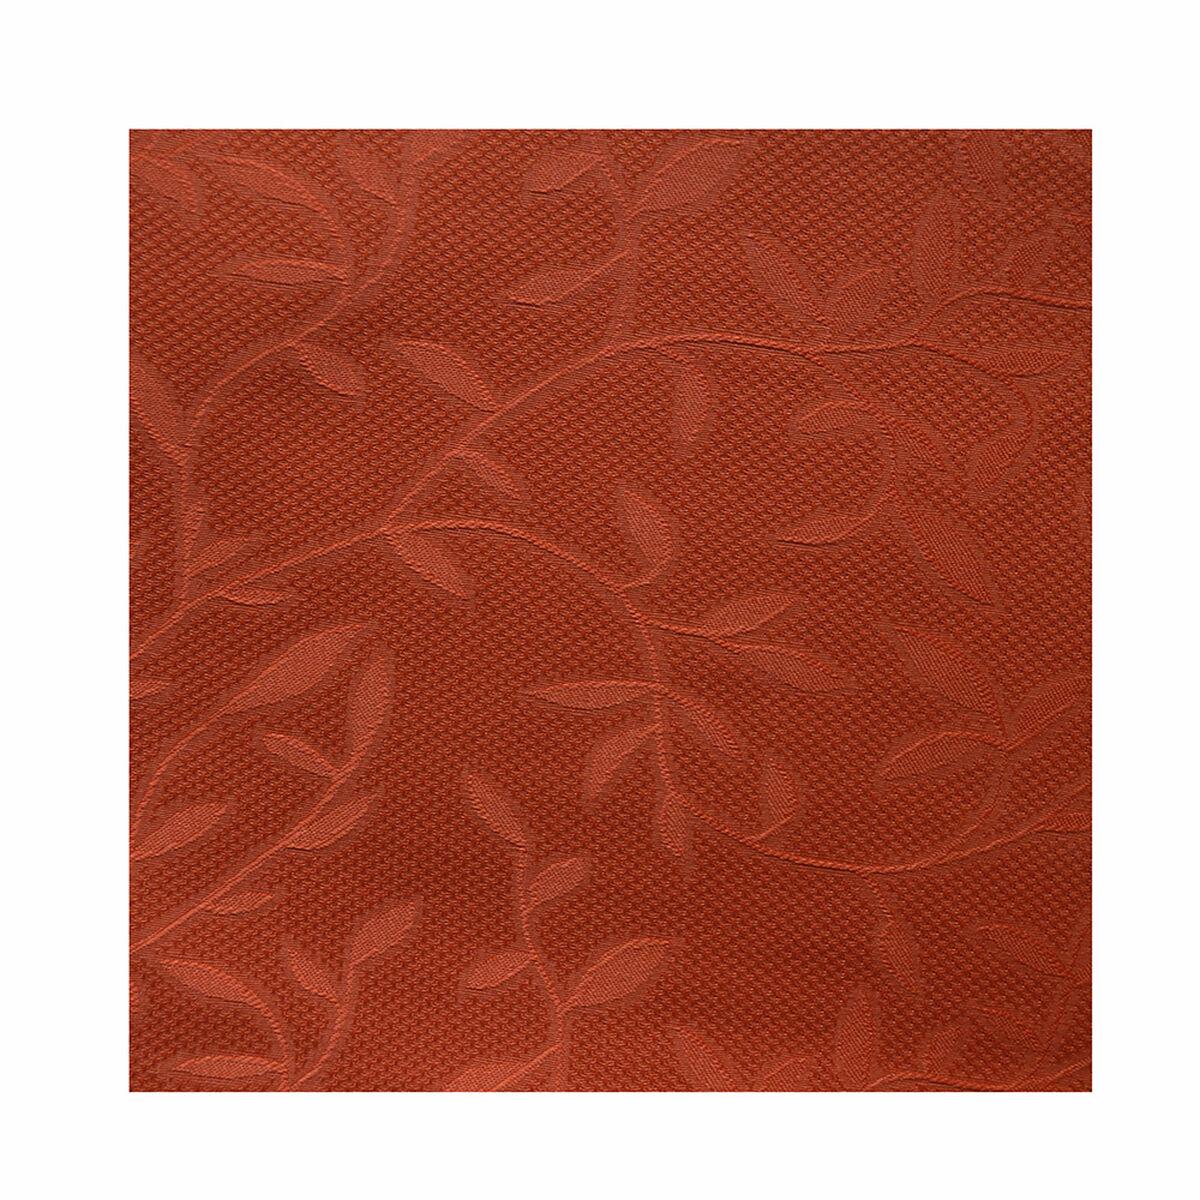 Set Cortinas Jacquard-Presilla 140X220+5 Cm Cerezo Terracota